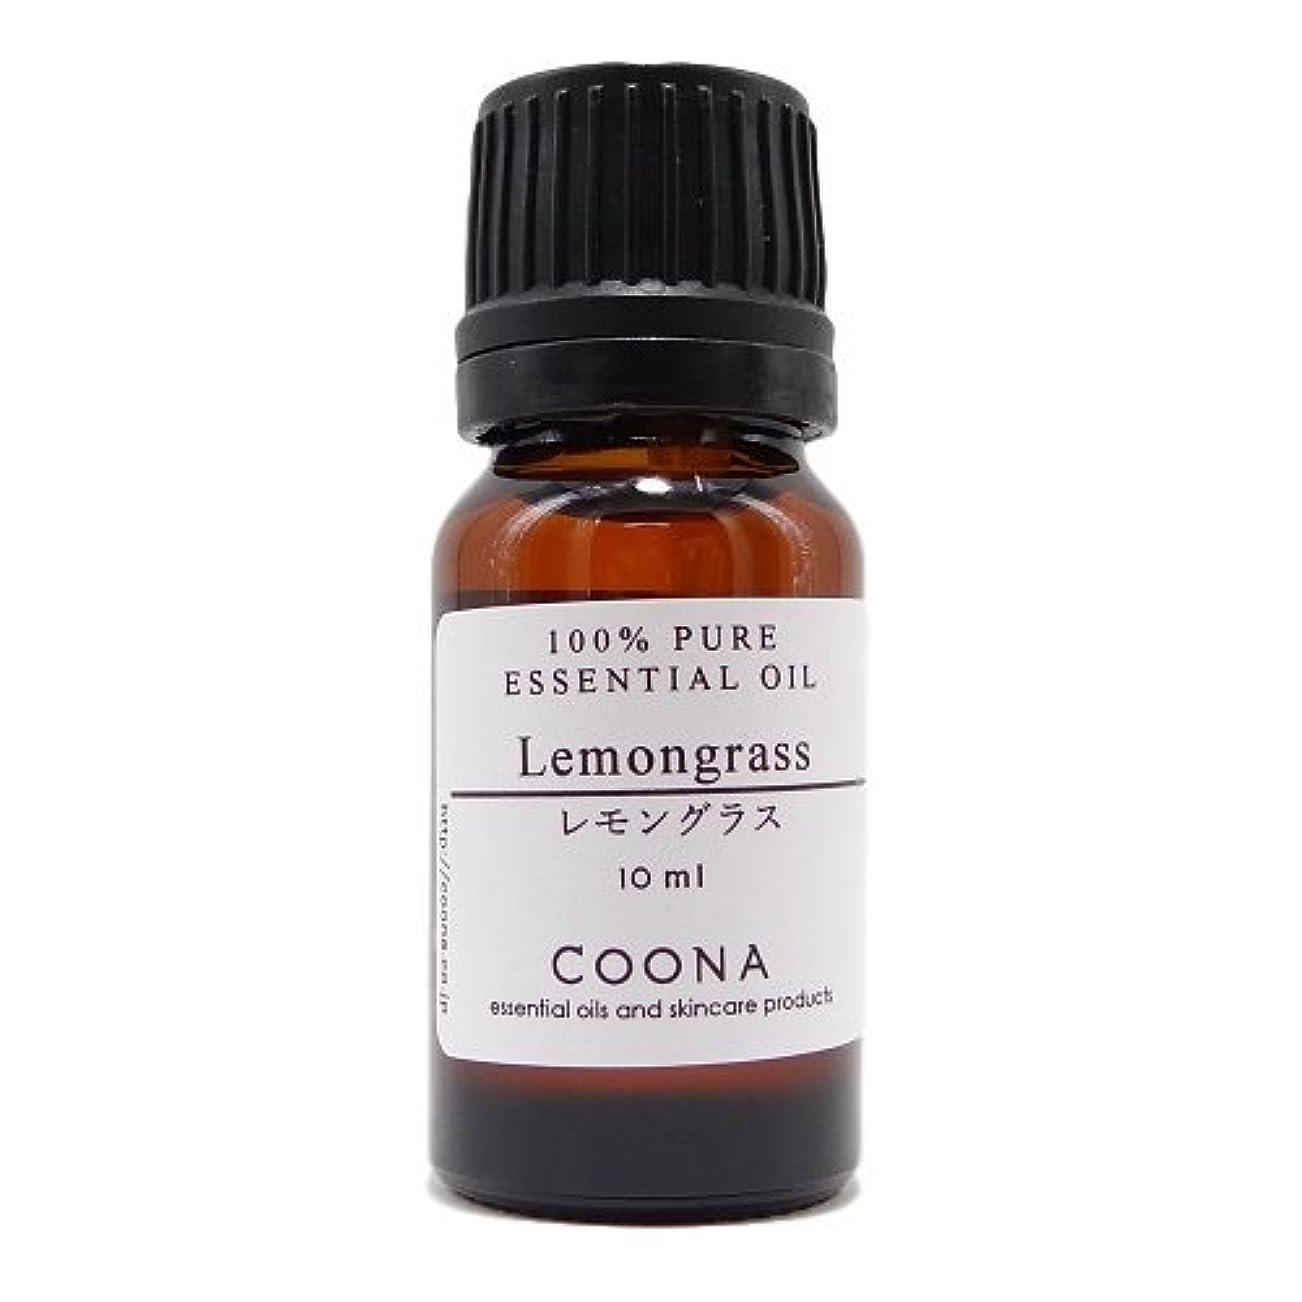 宣言する安心ソロレモングラス 10 ml (COONA エッセンシャルオイル アロマオイル 100%天然植物精油)